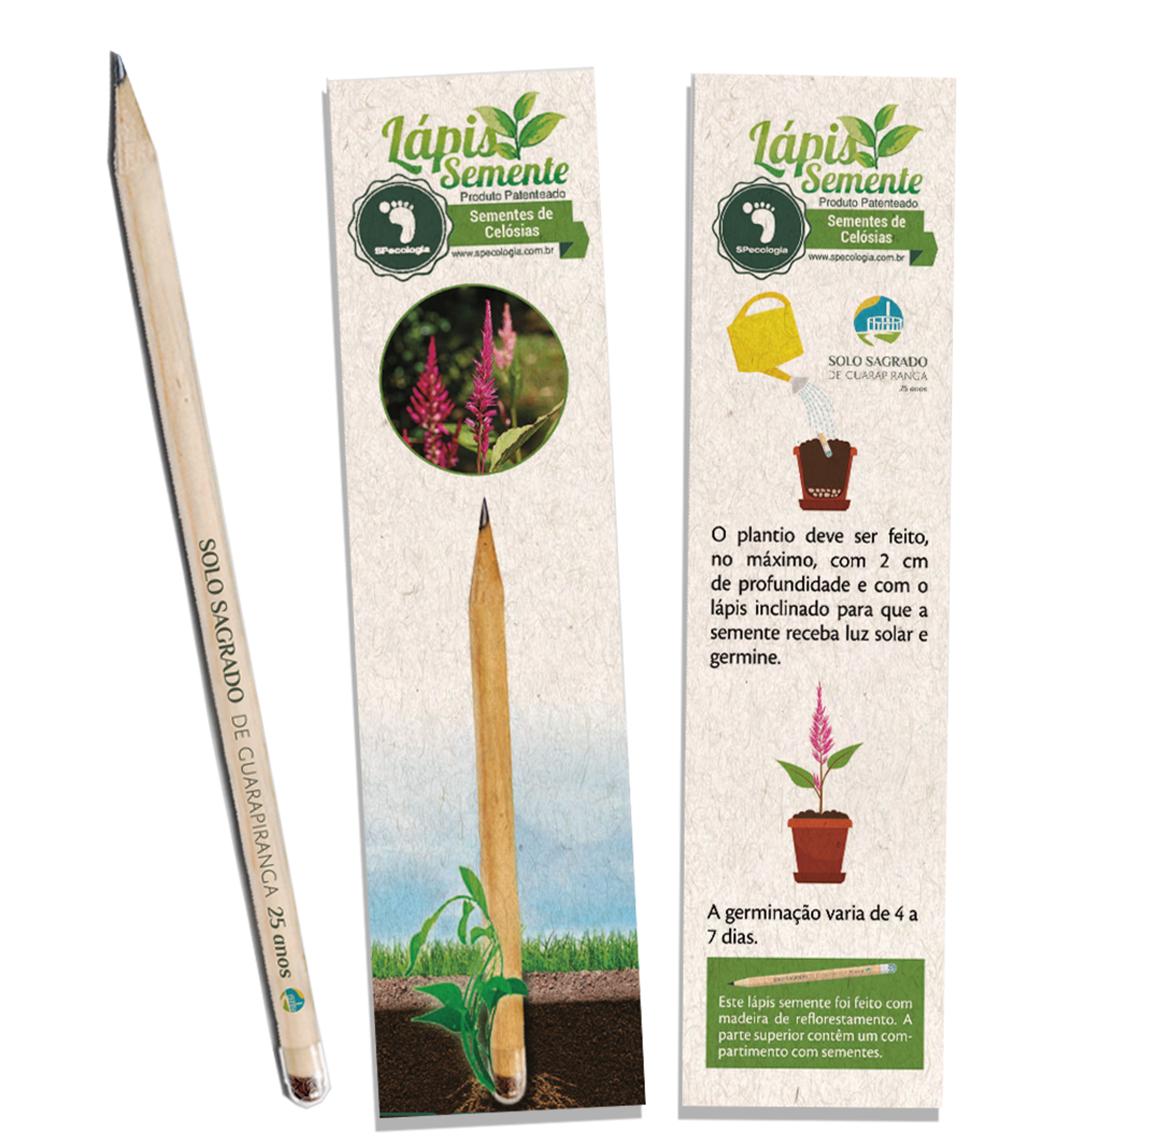 Lápis Ecologico c/ semente SSG 25 anos